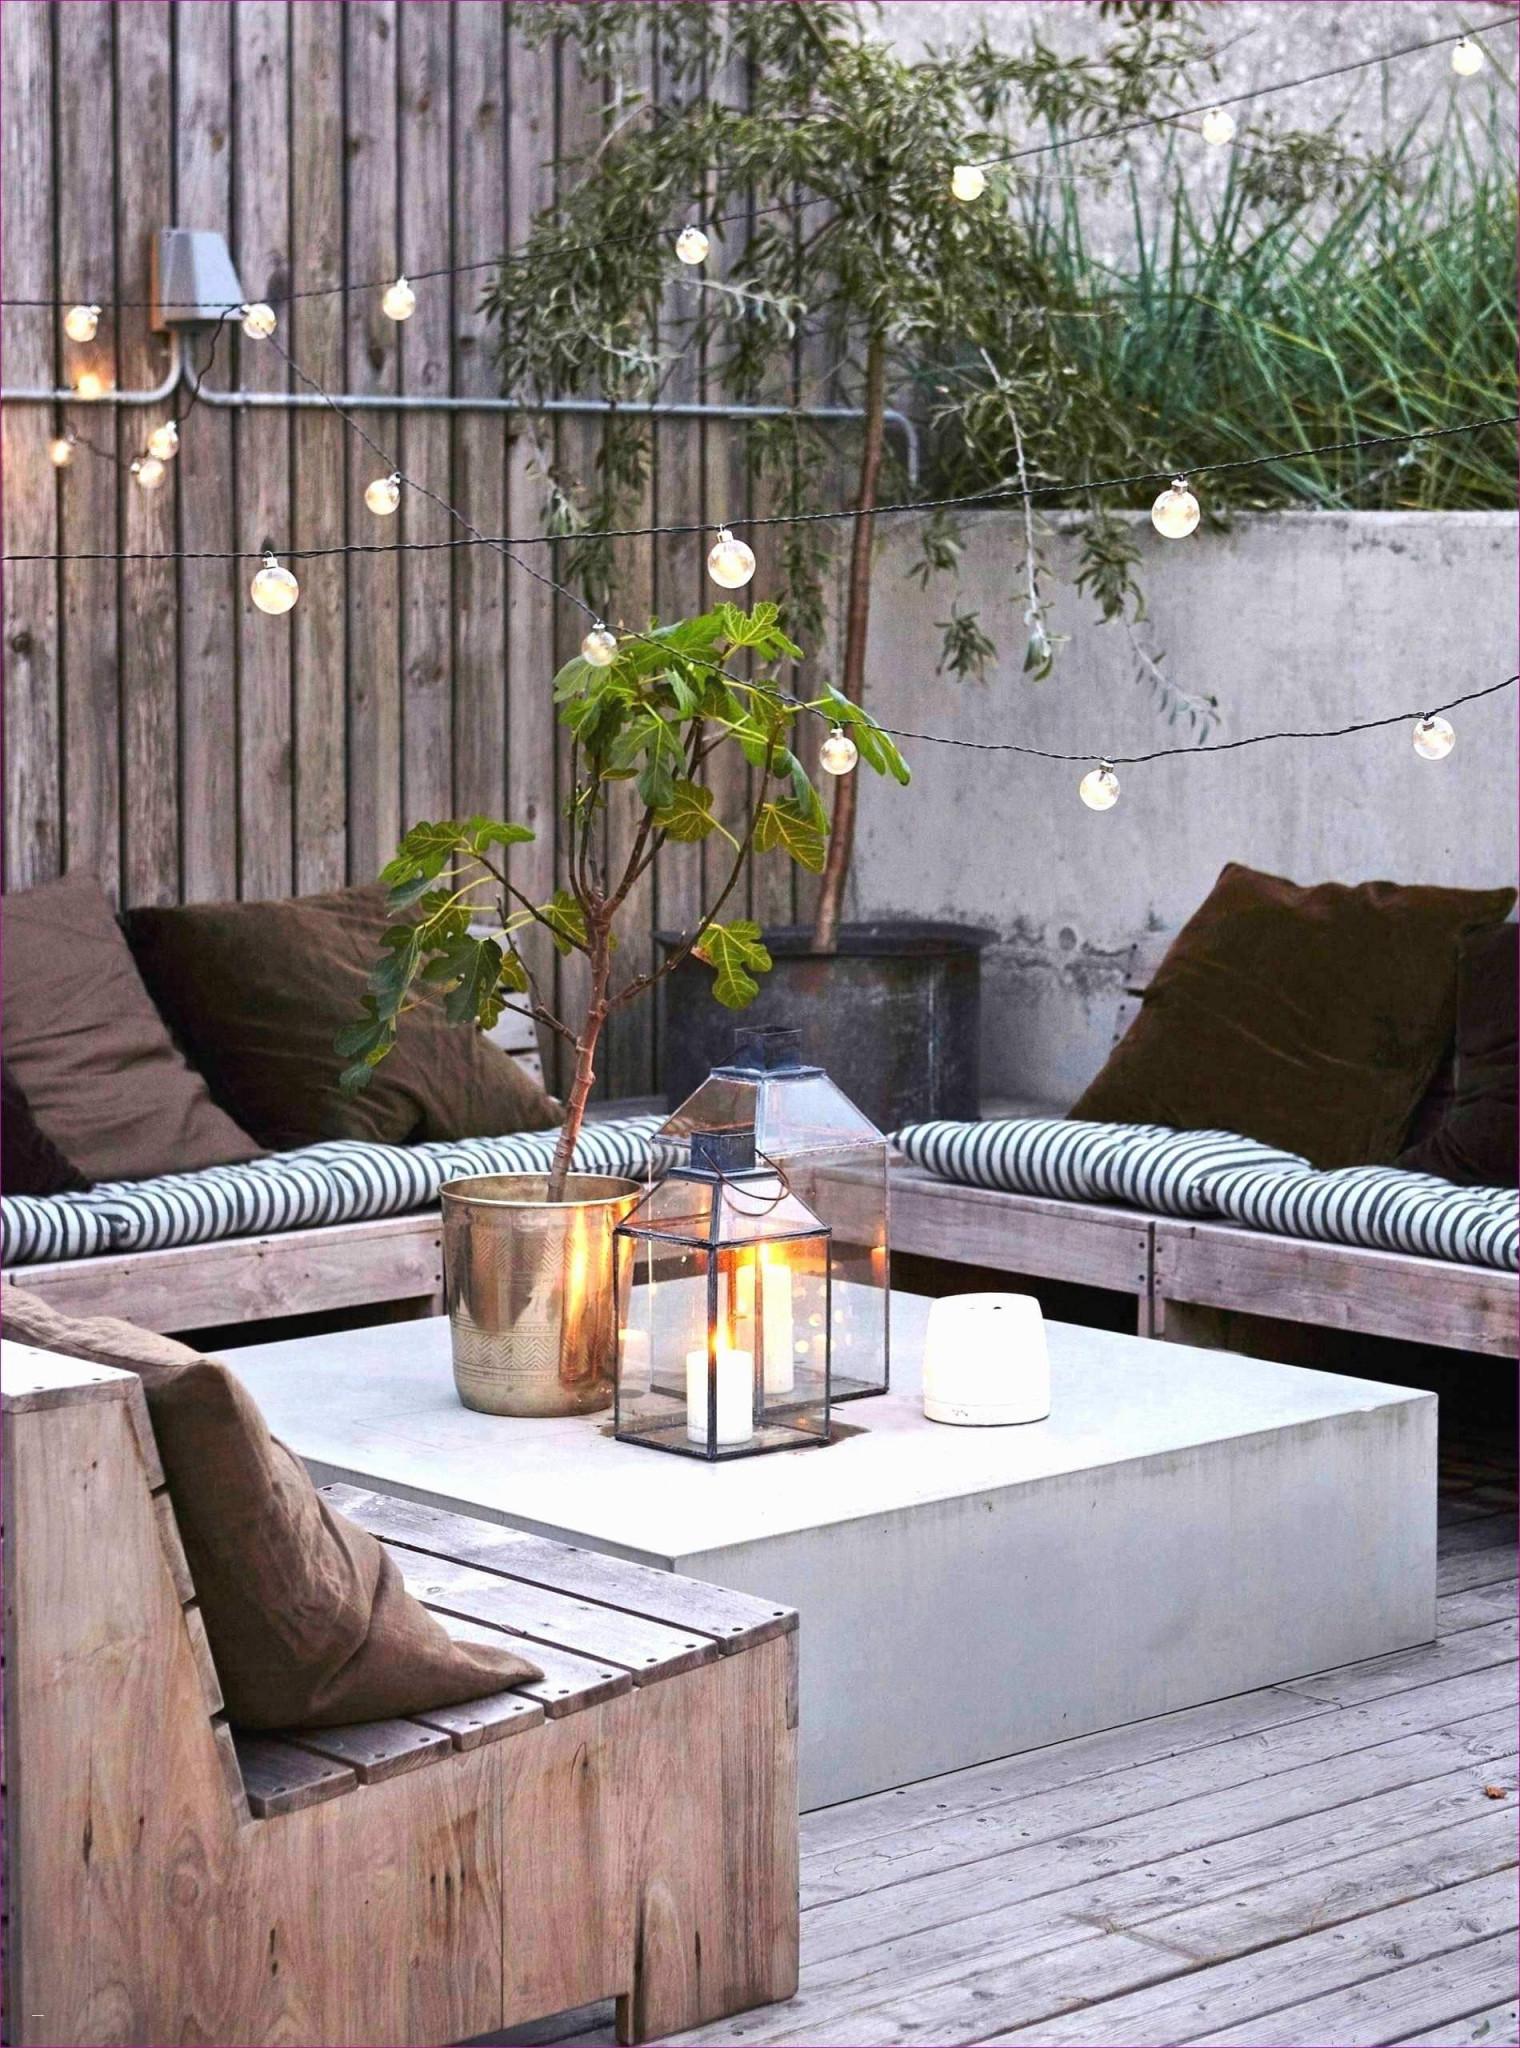 39 Einzigartig Ecke Im Wohnzimmer Dekorieren Luxus von Deko Wohnzimmer Ecke Photo